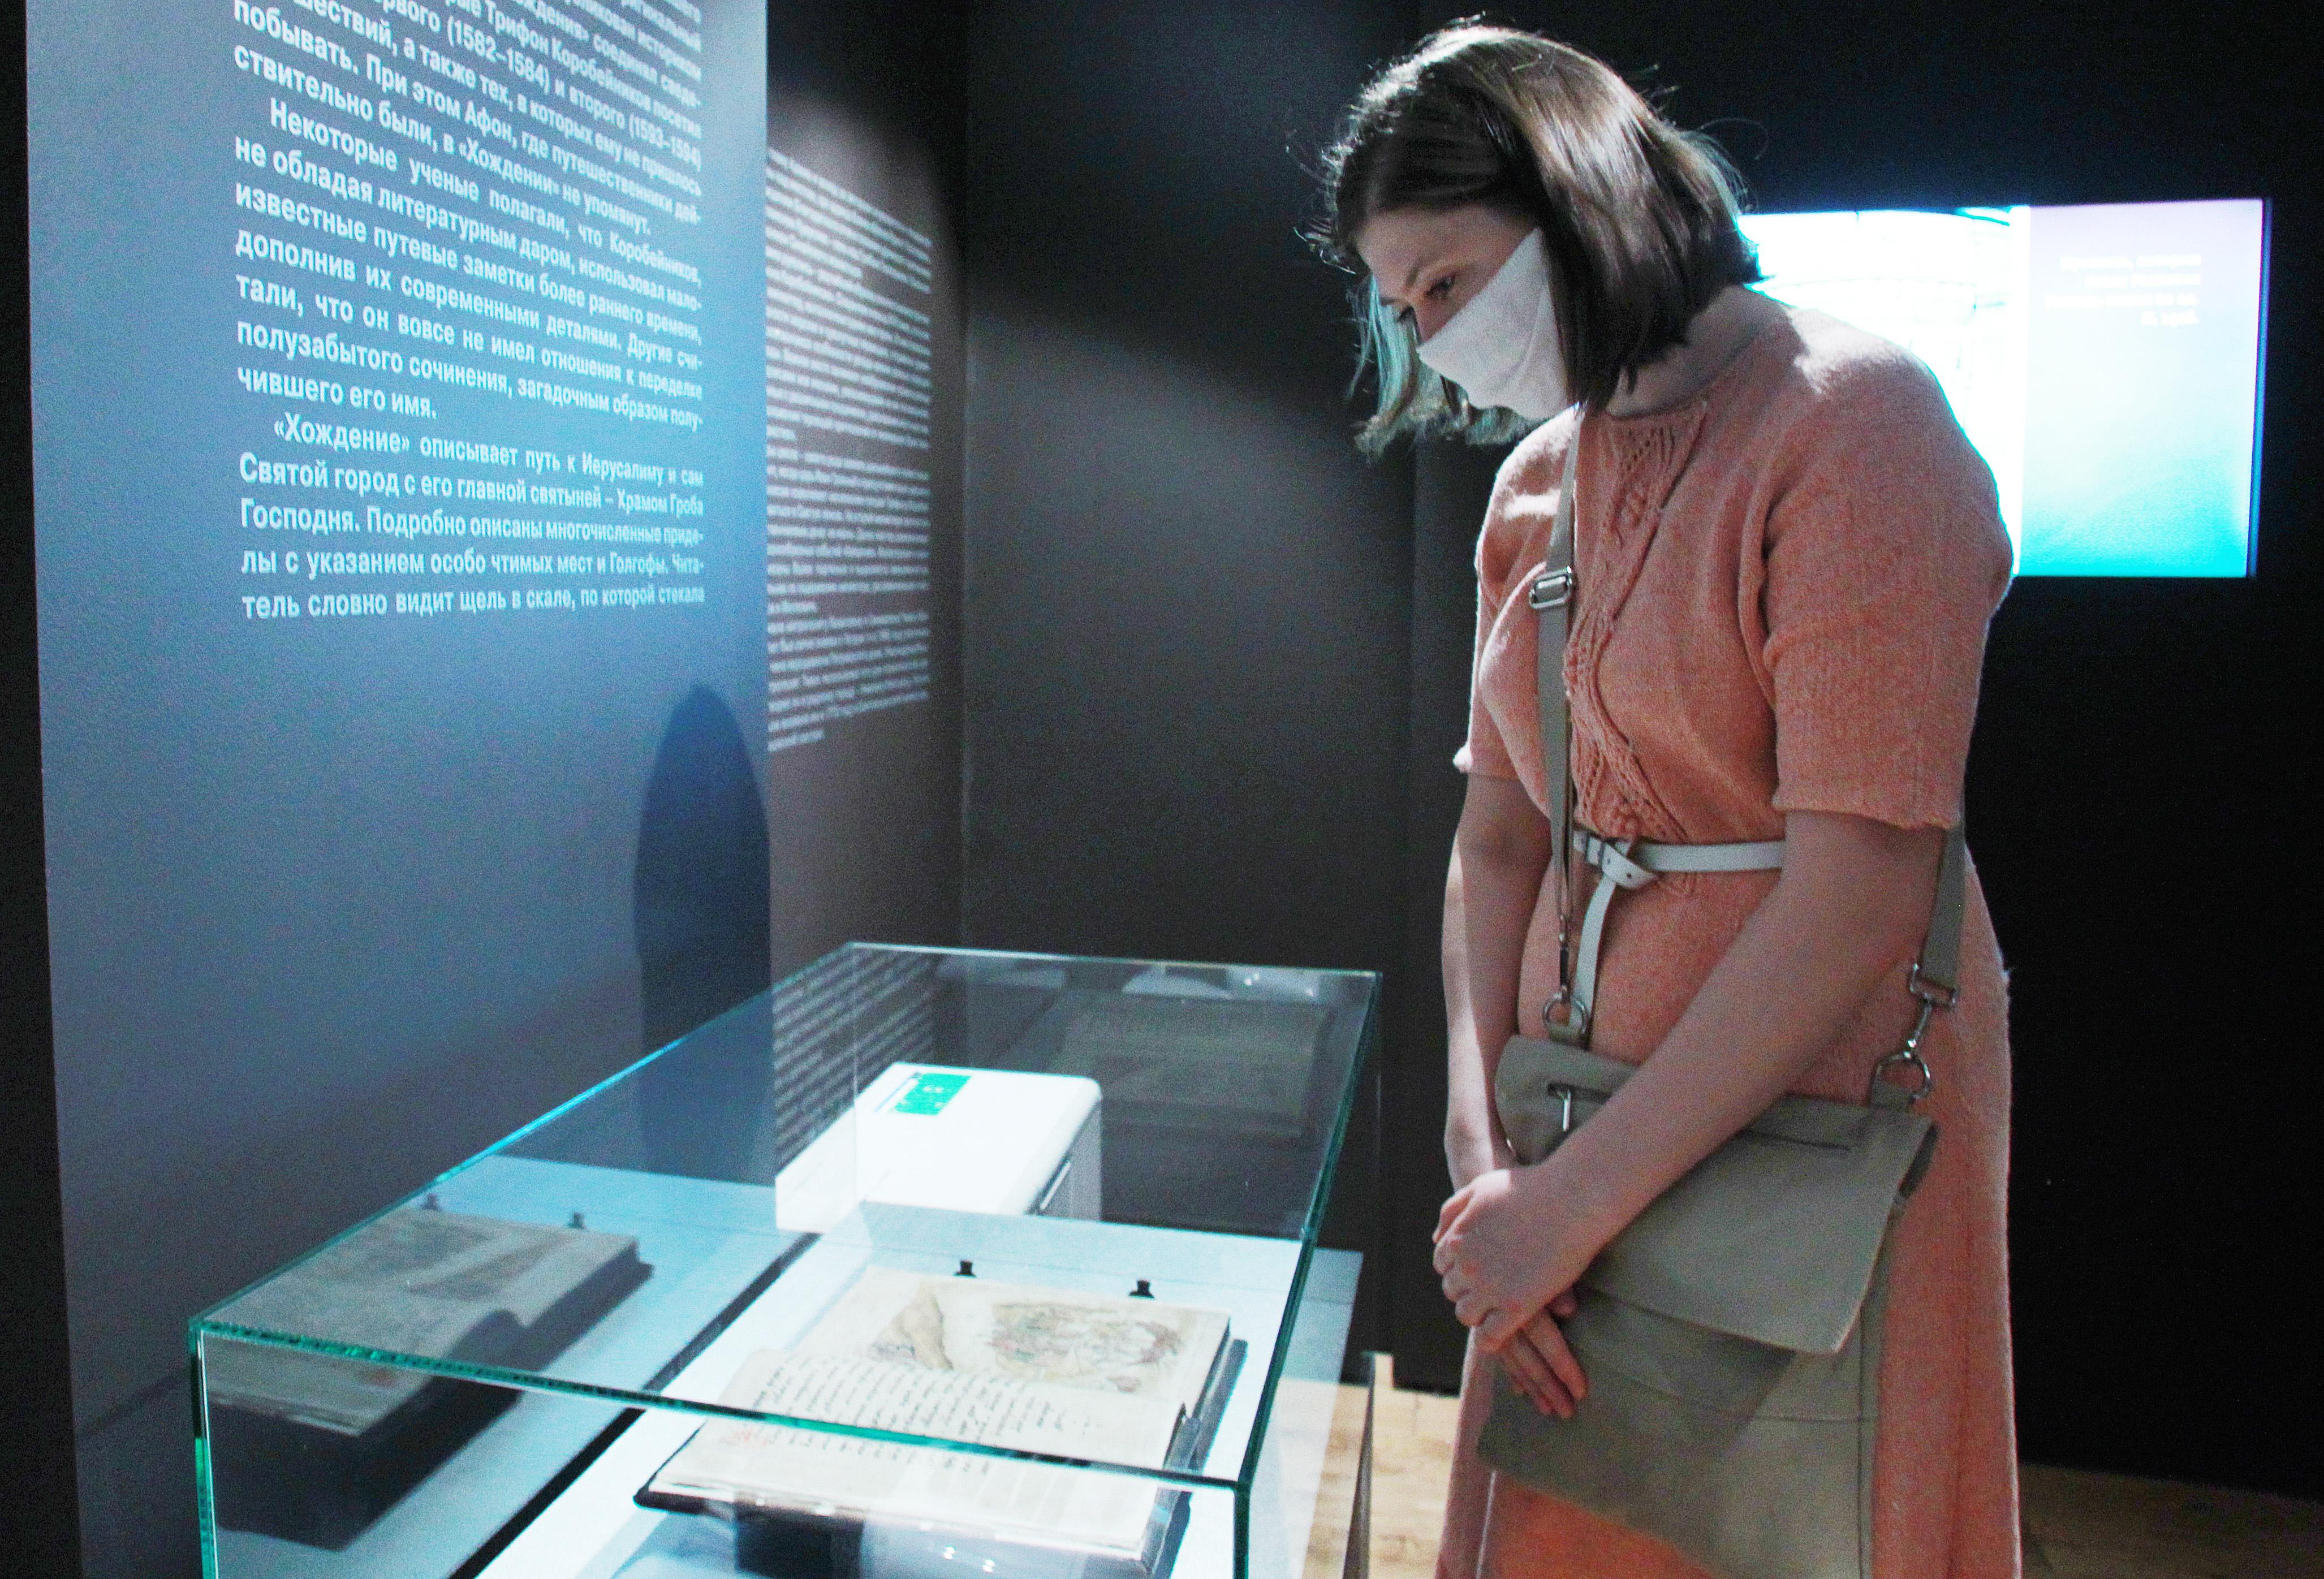 История одного народа: в музее Востока откроют выставку израильского художника. Фото: Наталия Нечаева, «Вечерняя Москва»